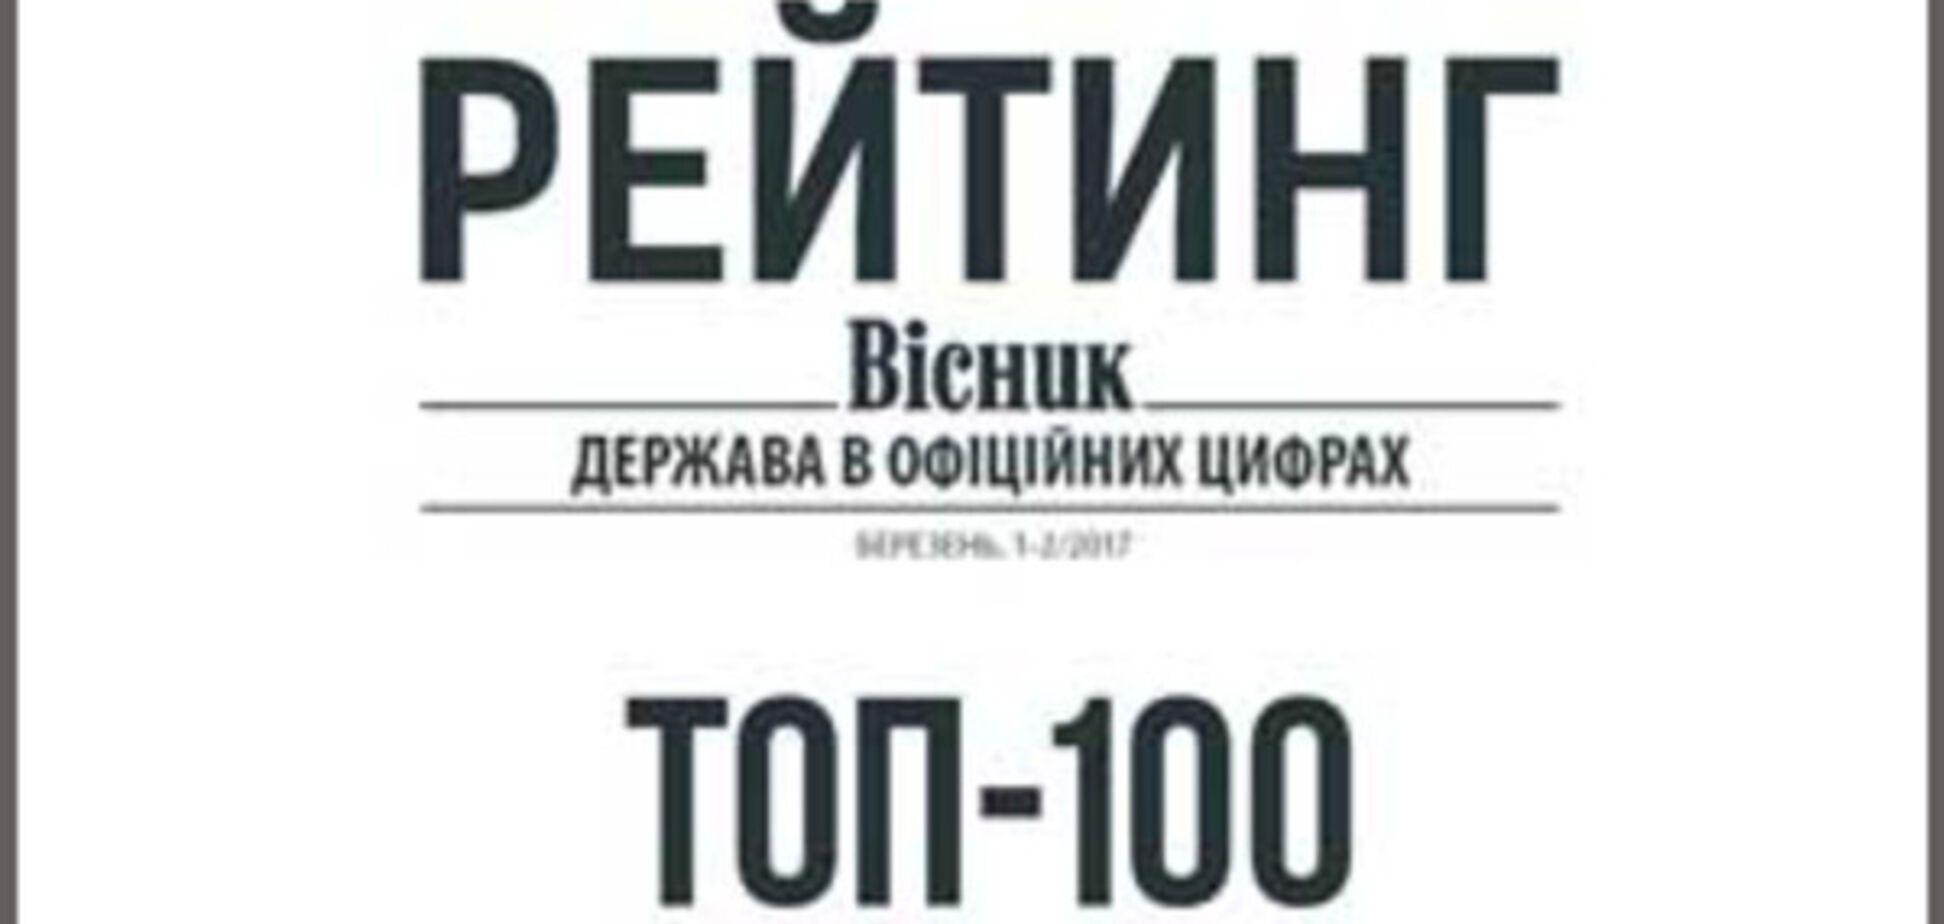 Ахметов, Коломойский и Злочевский - крупнейшие налогоплательщики Украины